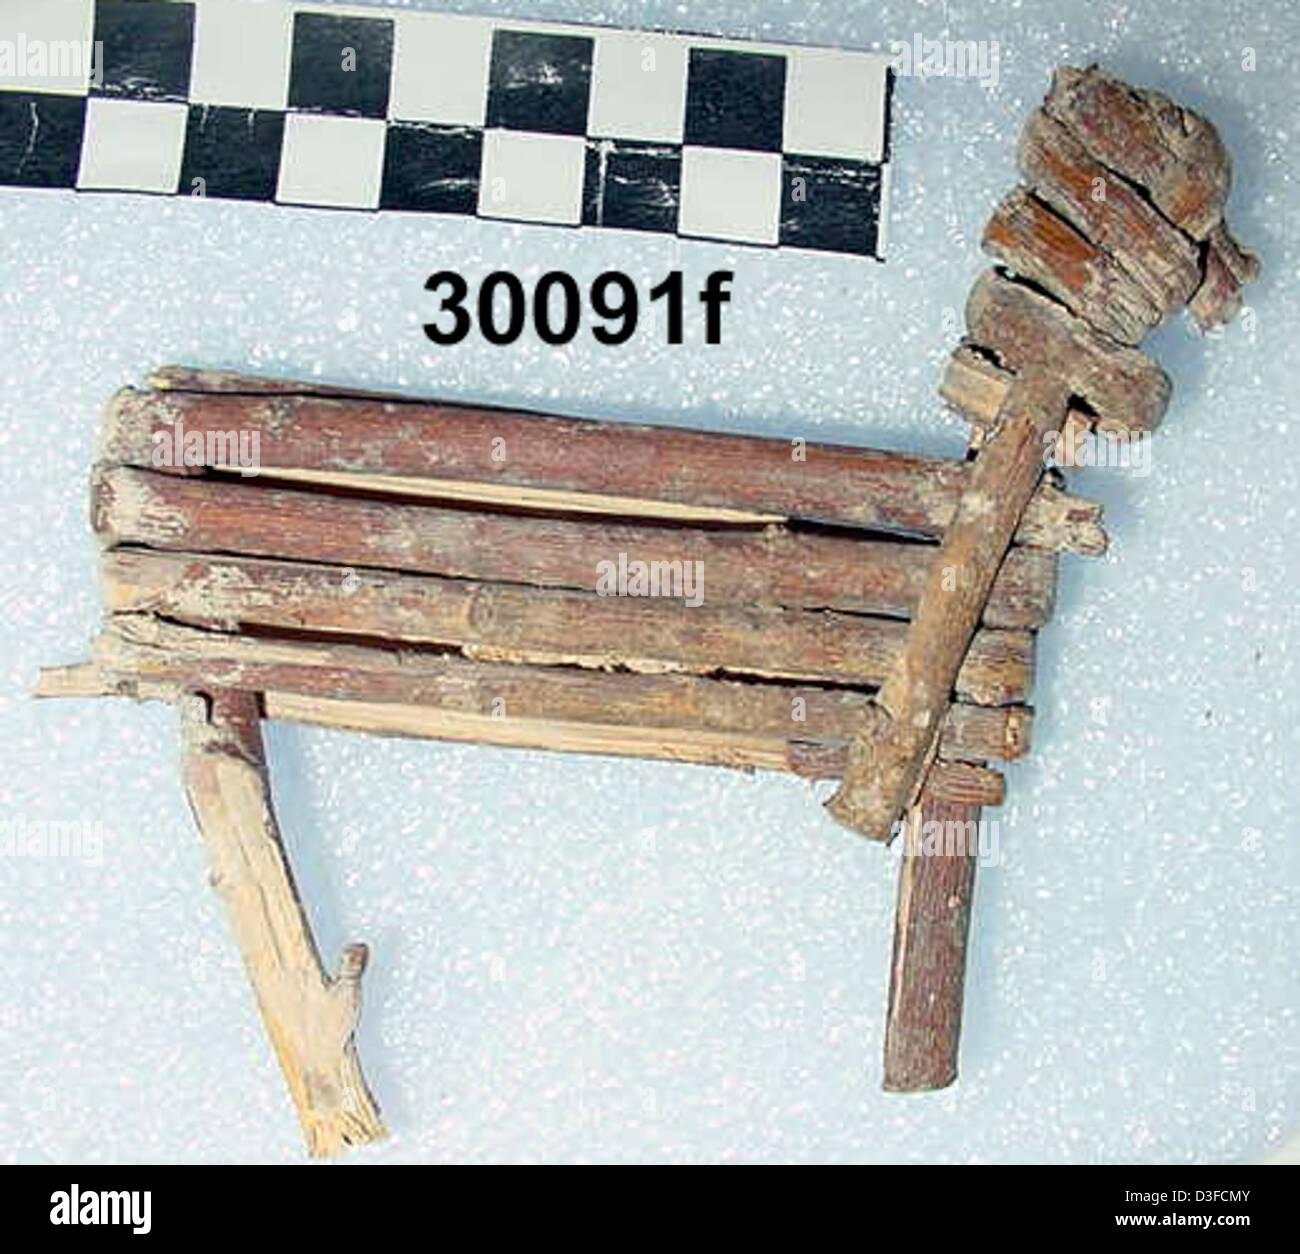 Split-Twig Figurine GRCA_30091f - Stock Image